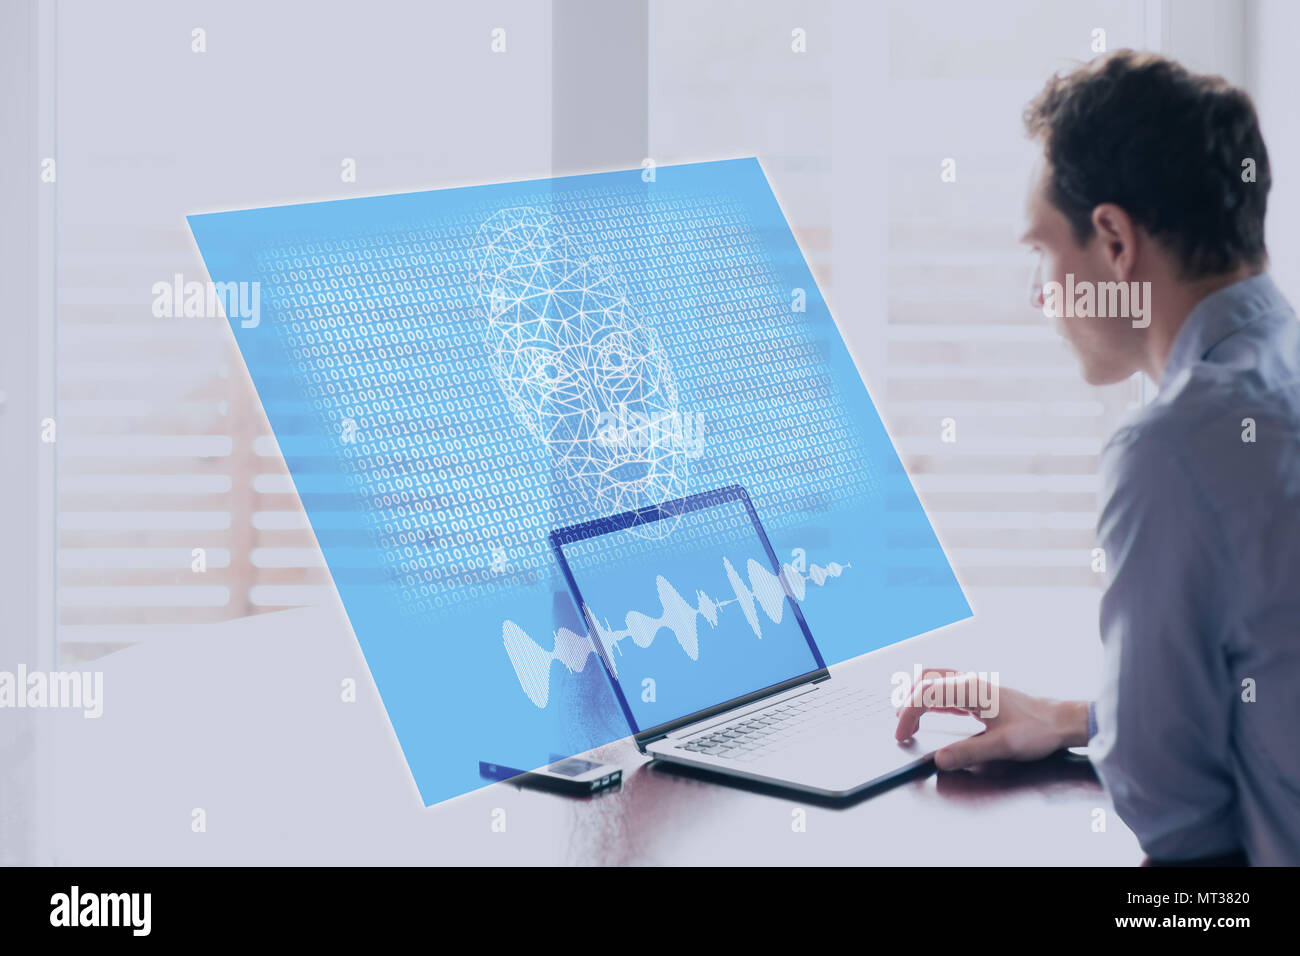 Künstliche Intelligenz Konzept mit holographischen Roboter Gesicht sprechen mit Menschen auf Bildschirm mit binären Code, maschinelles Lernen und AI Risiken und t Stockbild